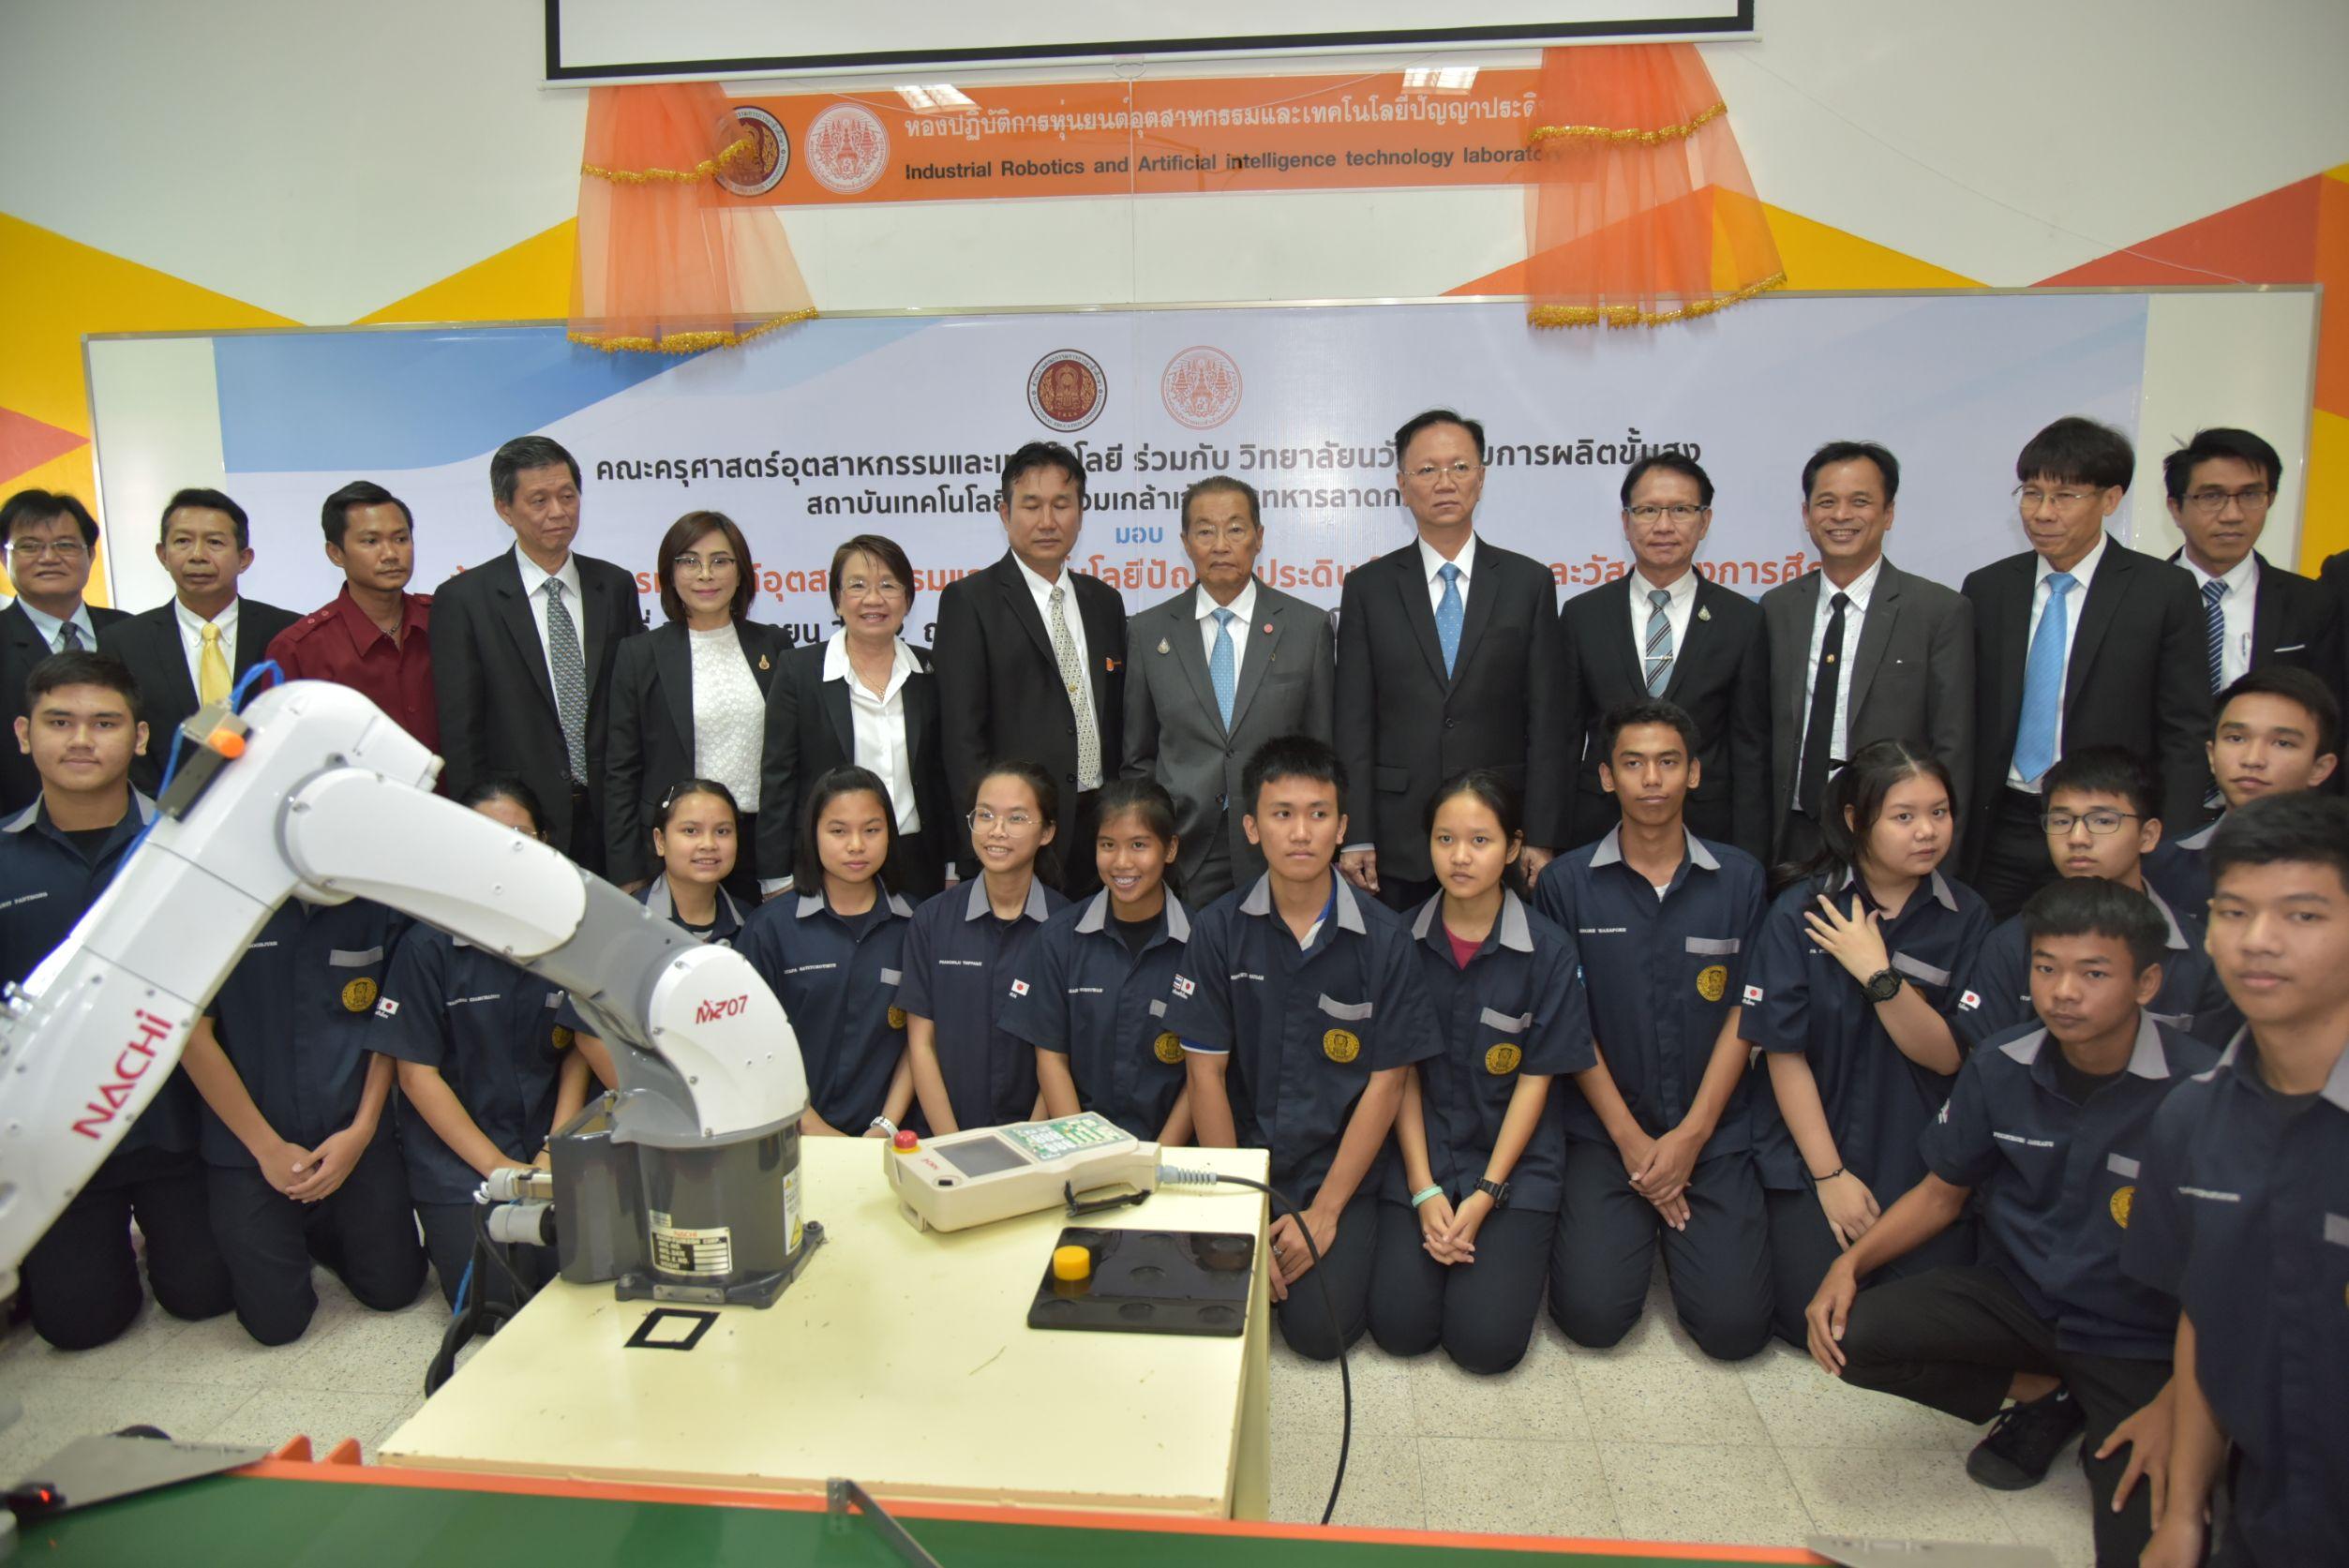 รมว.แรงงาน ลงพื้นที่ชลบุรี เยี่ยมชม AMATA Smart City และการพัฒนากำลังแรงงาน 10 อุตสาหกรรมเป้าหมาย